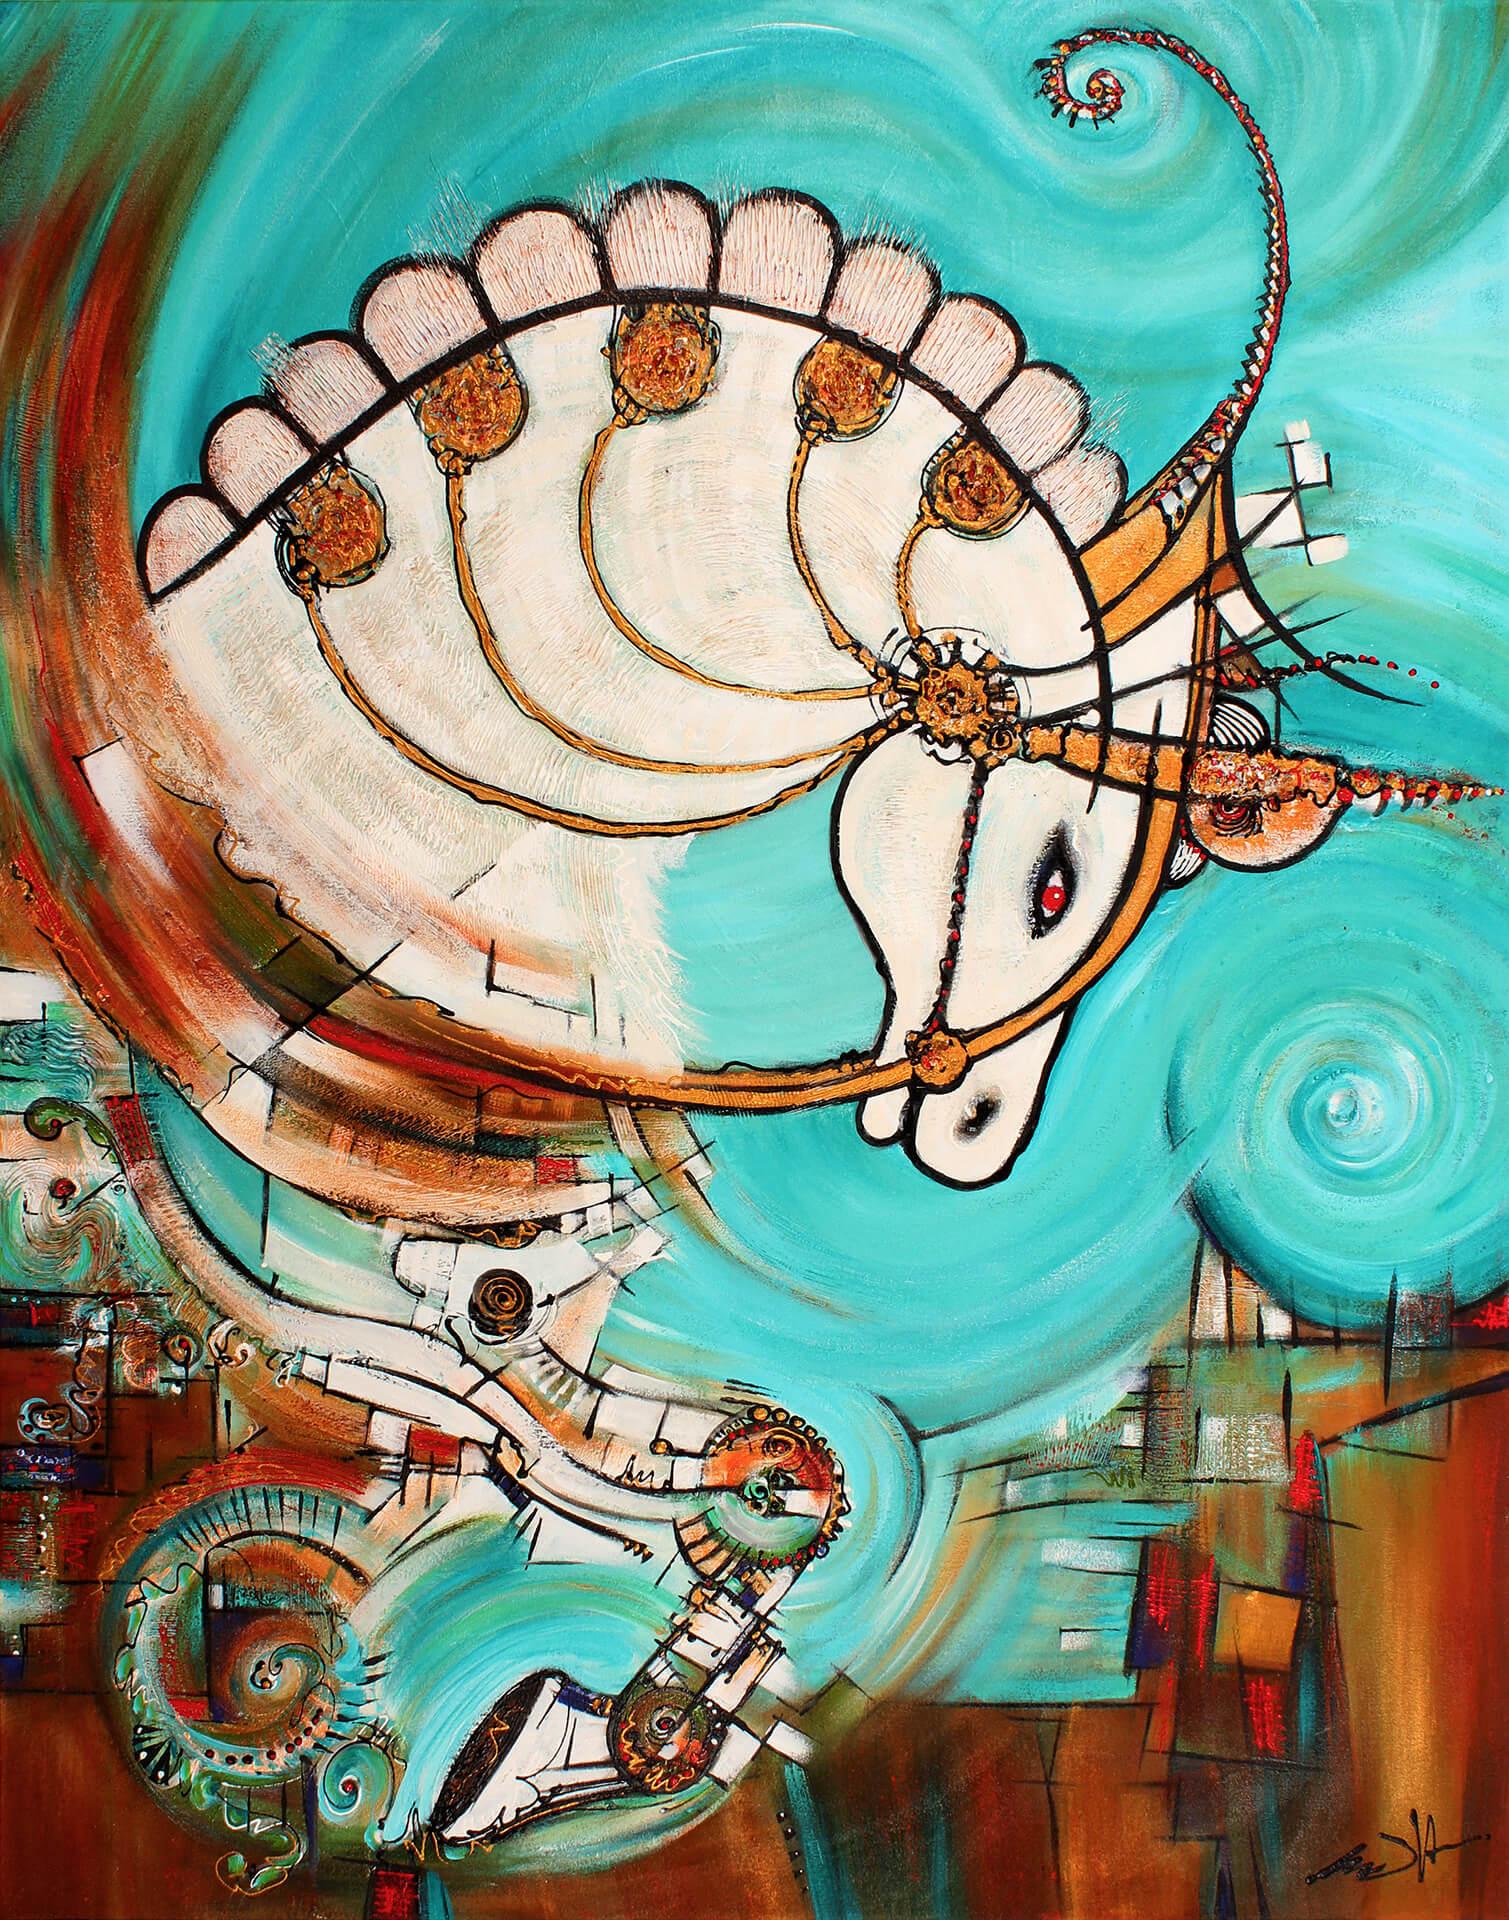 art-eric-j-hughes-artiste-peintre-canadien-tableau-symbiose-equo-albino